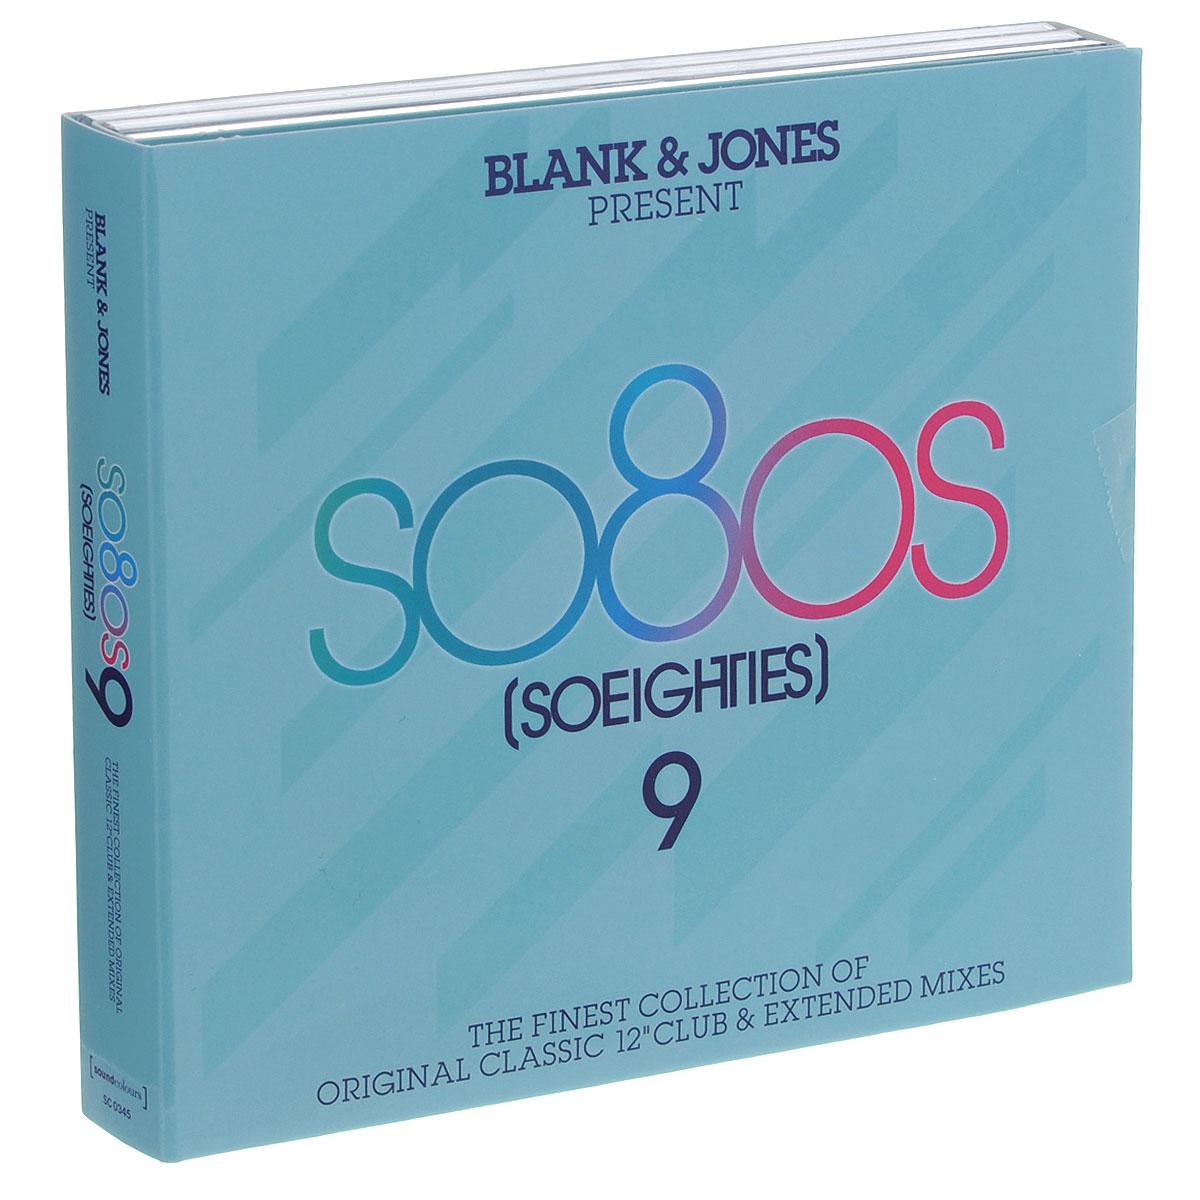 Blank & Jones. So80's (So Eighties) 9 (3 CD) 9 cd